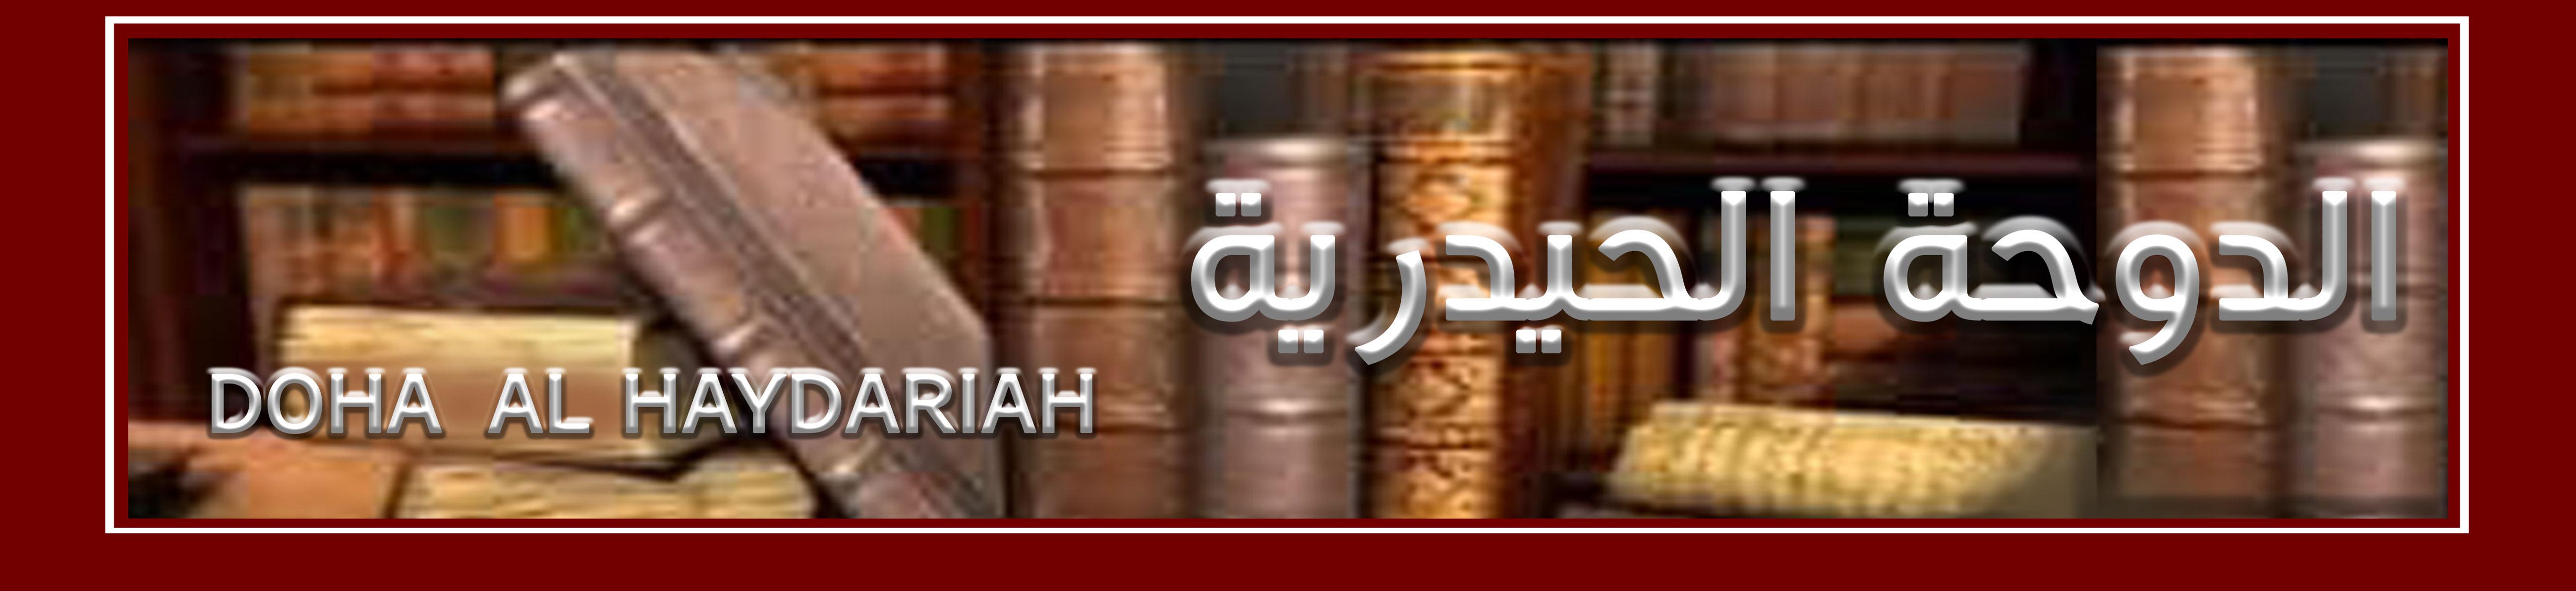 الدوحة الحیدریة